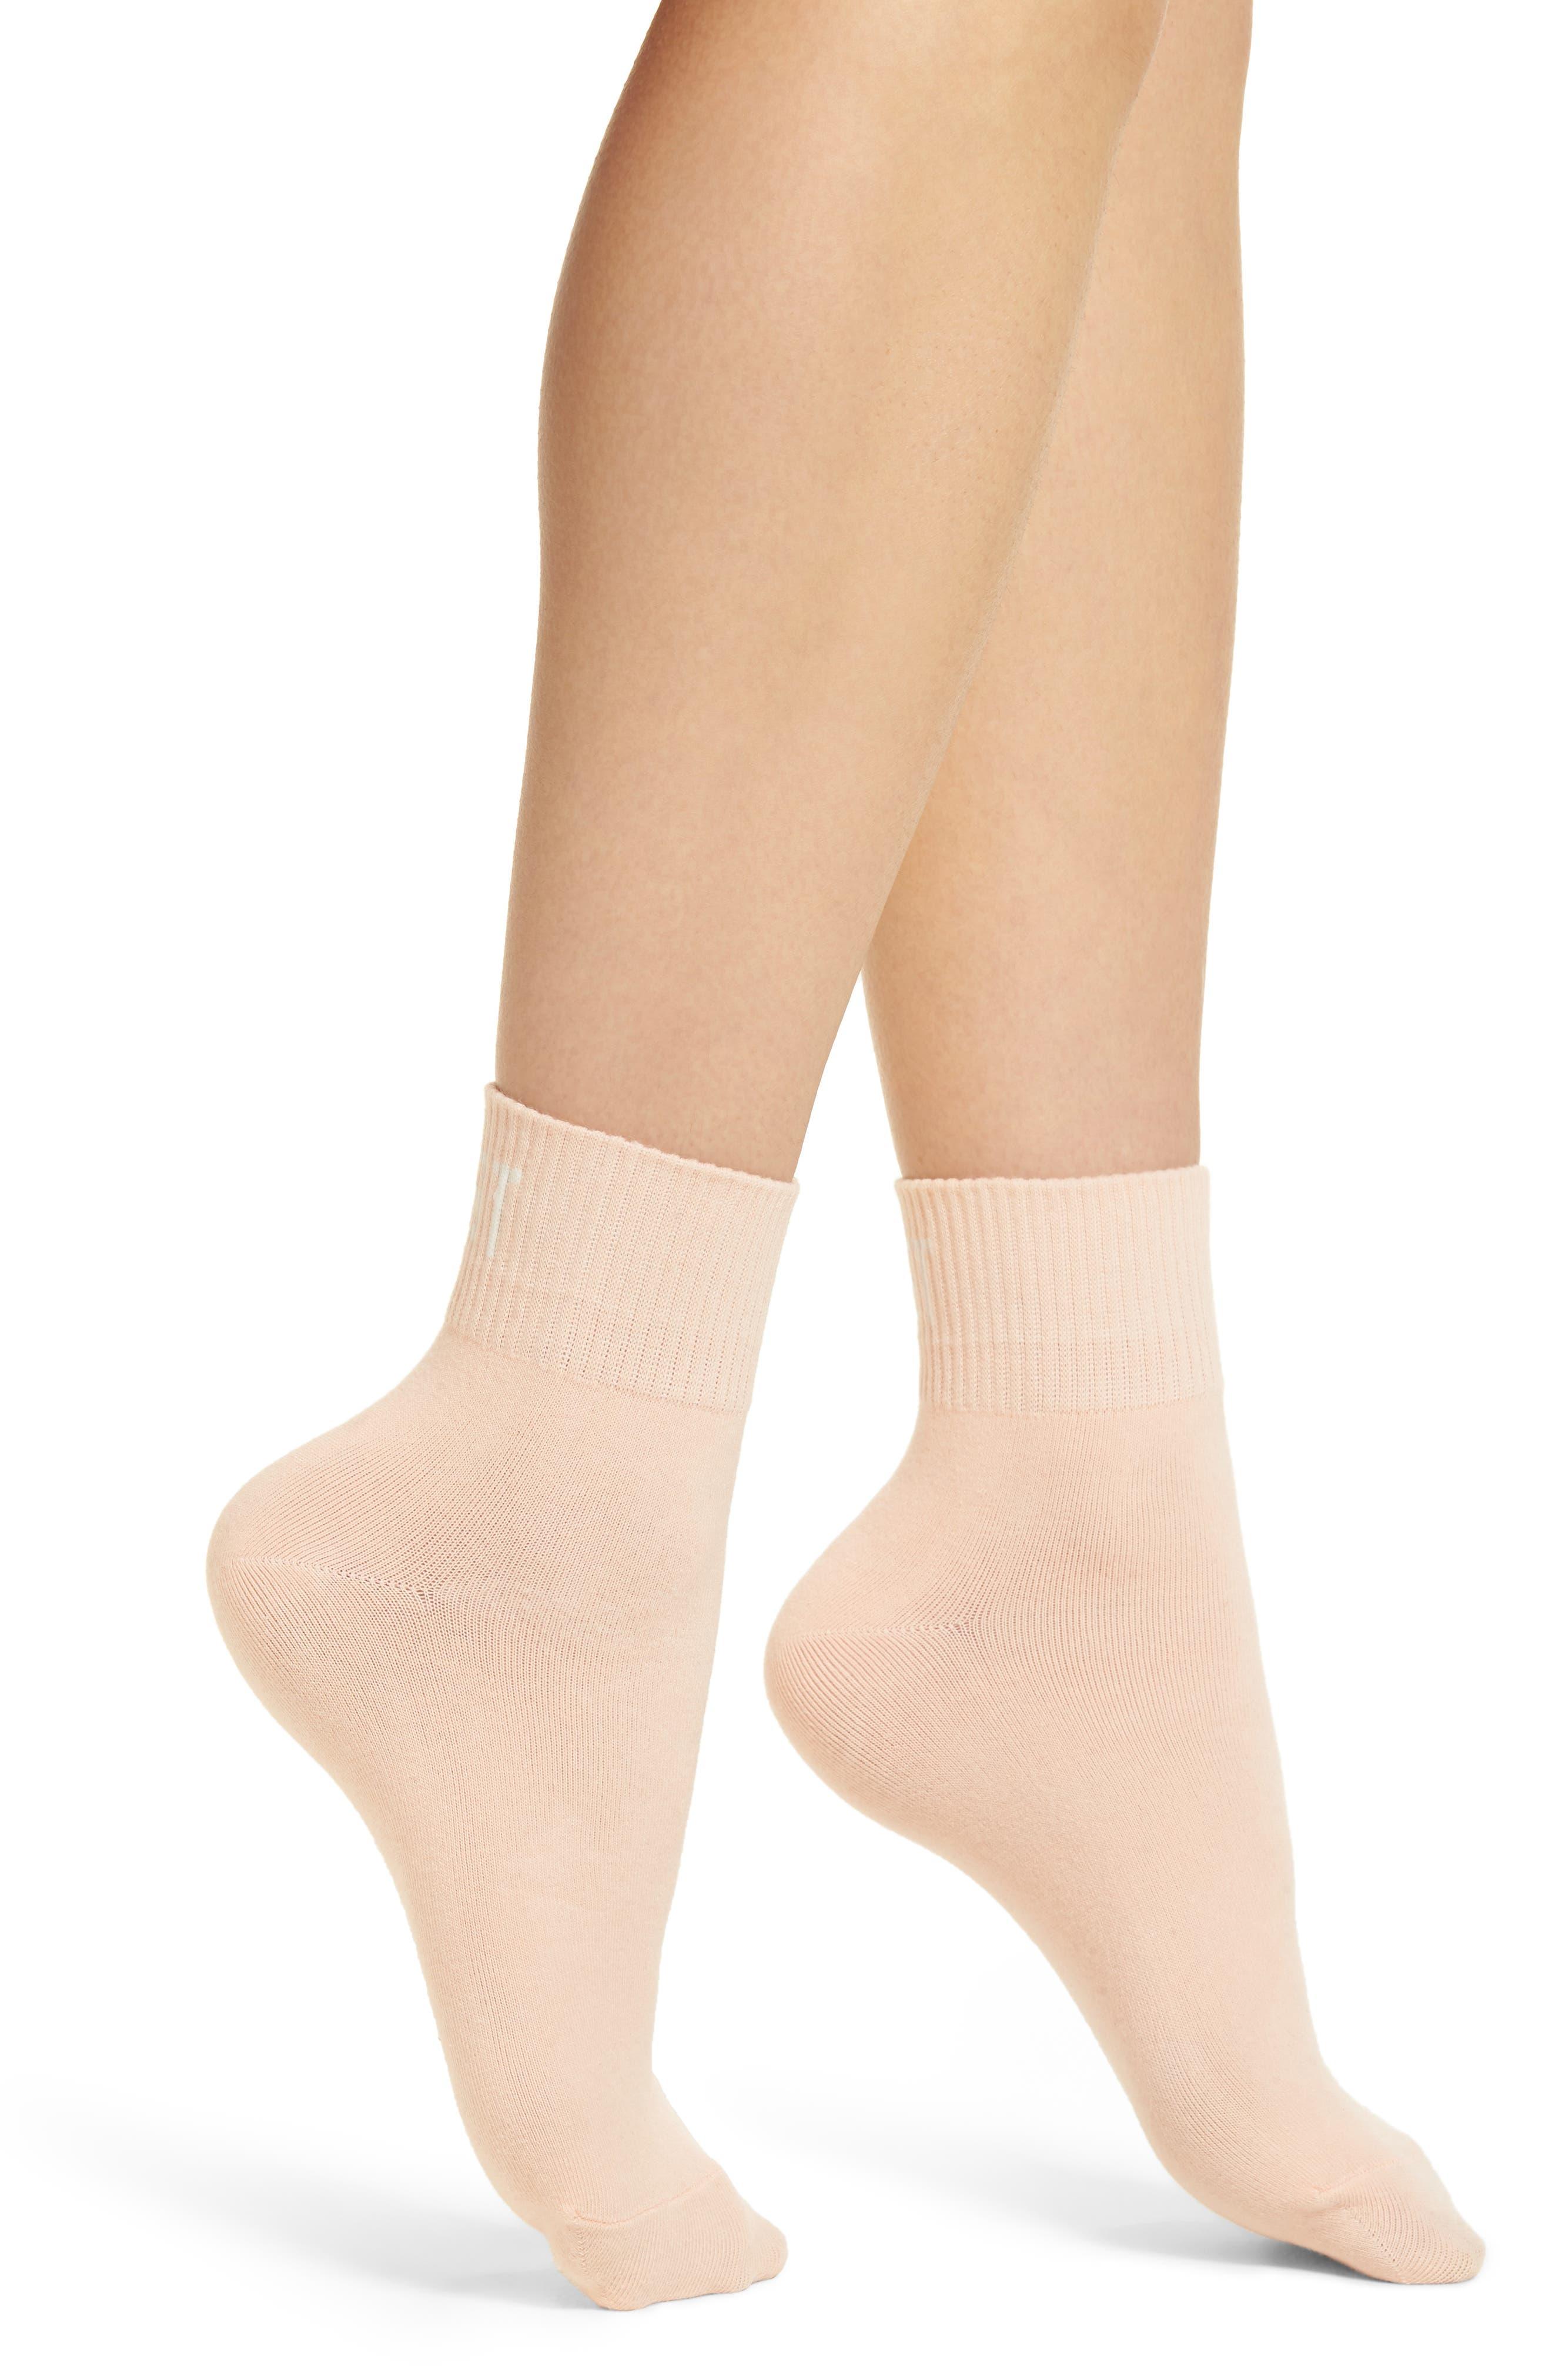 Richer Poorer Get Lost Ankle Socks